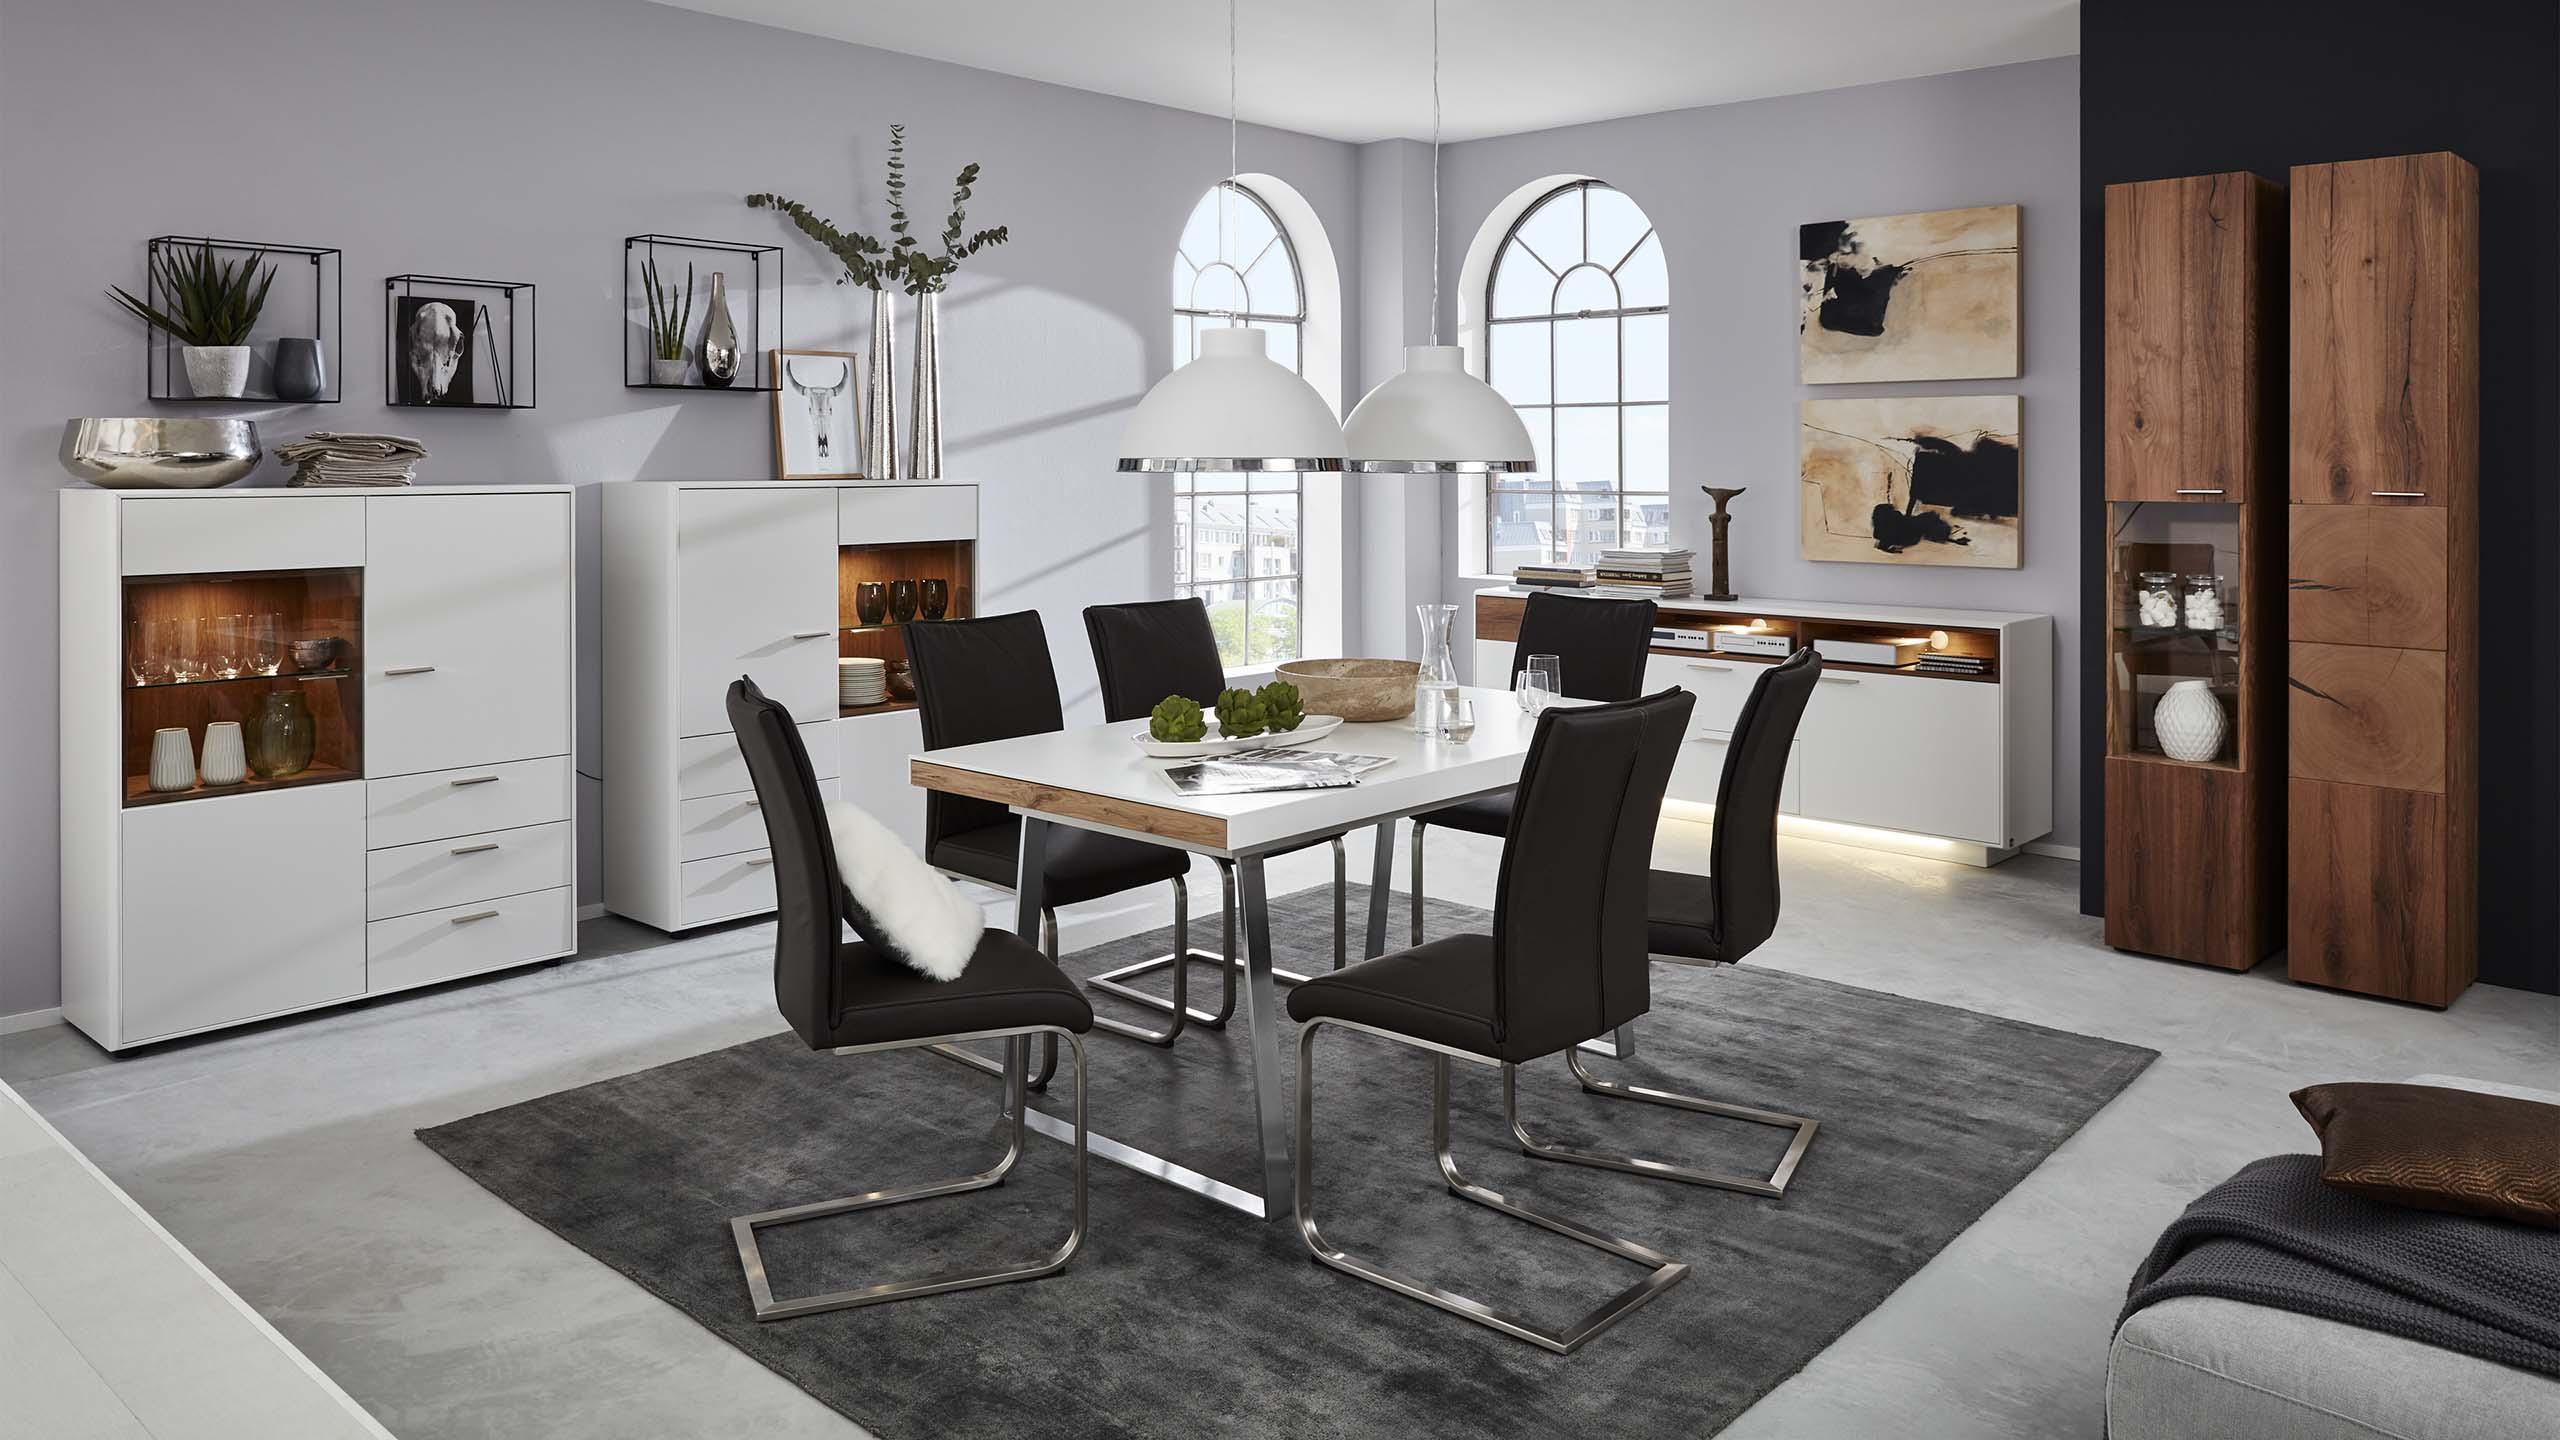 Interliving Wohnzimmer Serie 2102 - Interliving